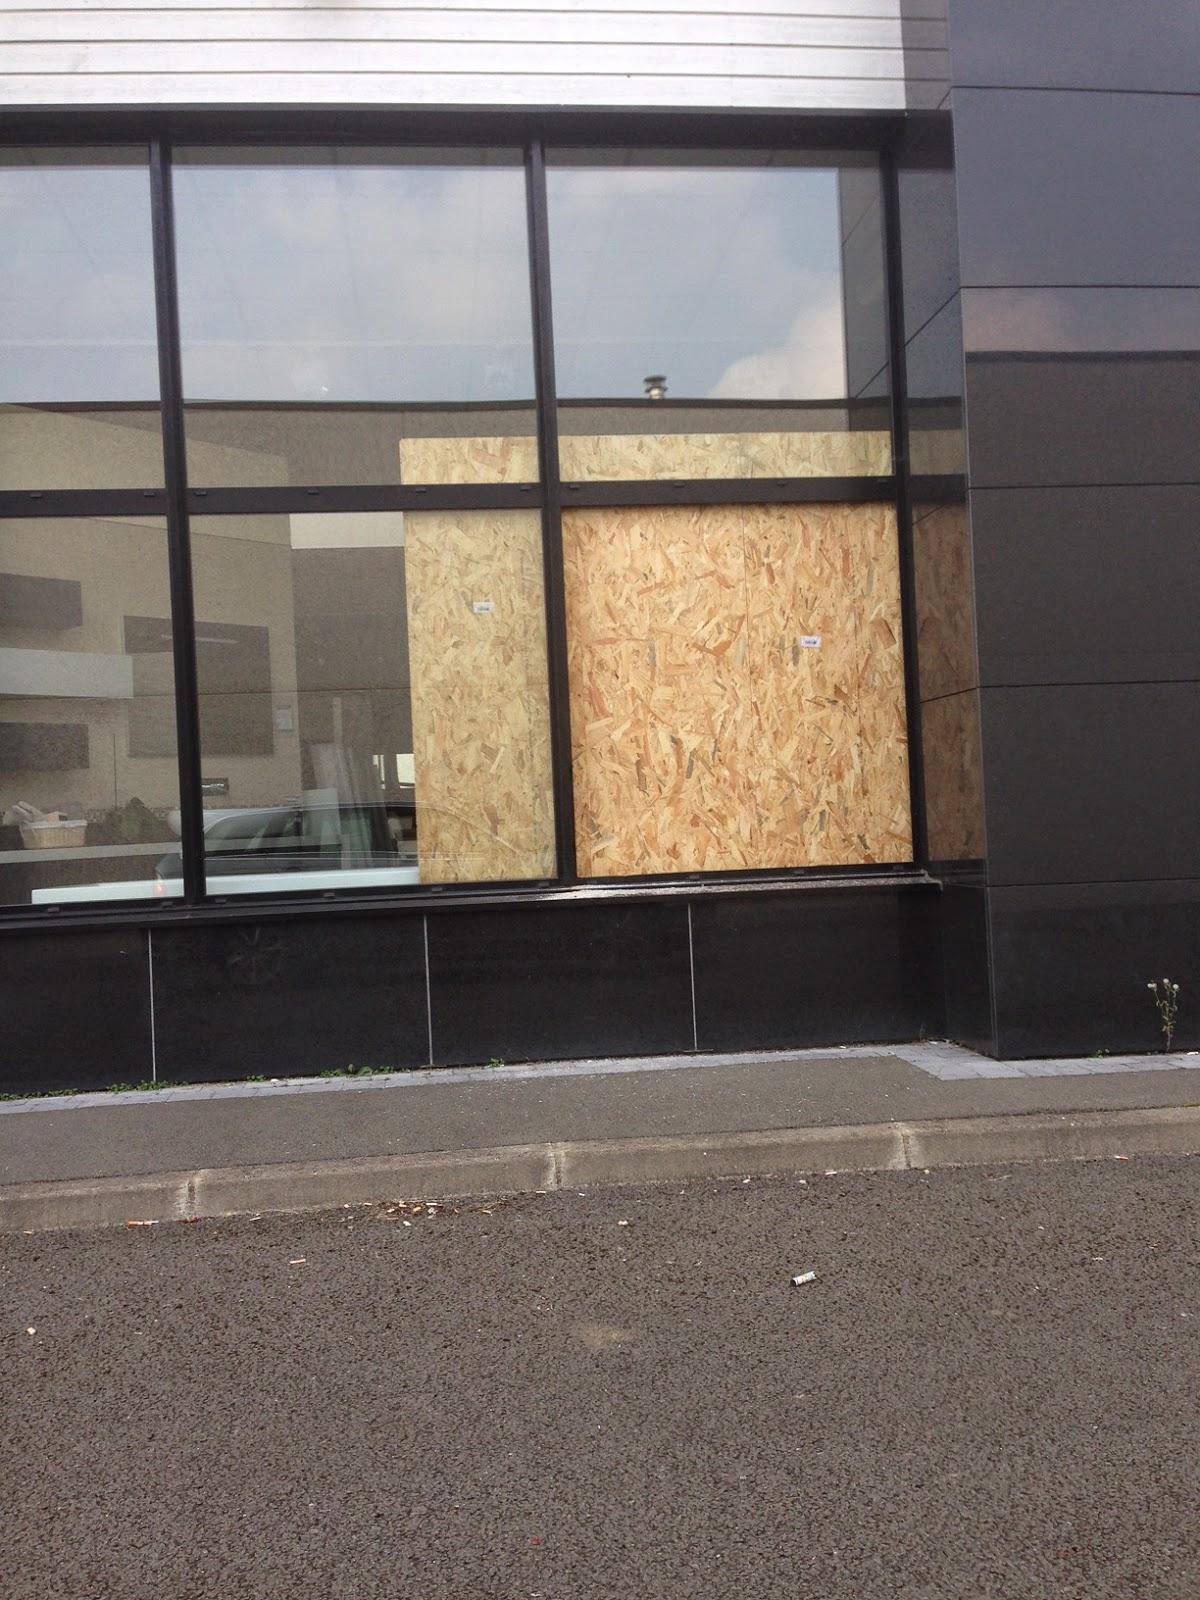 Fermeture provisoire d'une baie vitrée vandalisée sur Lille avant son remplacement.